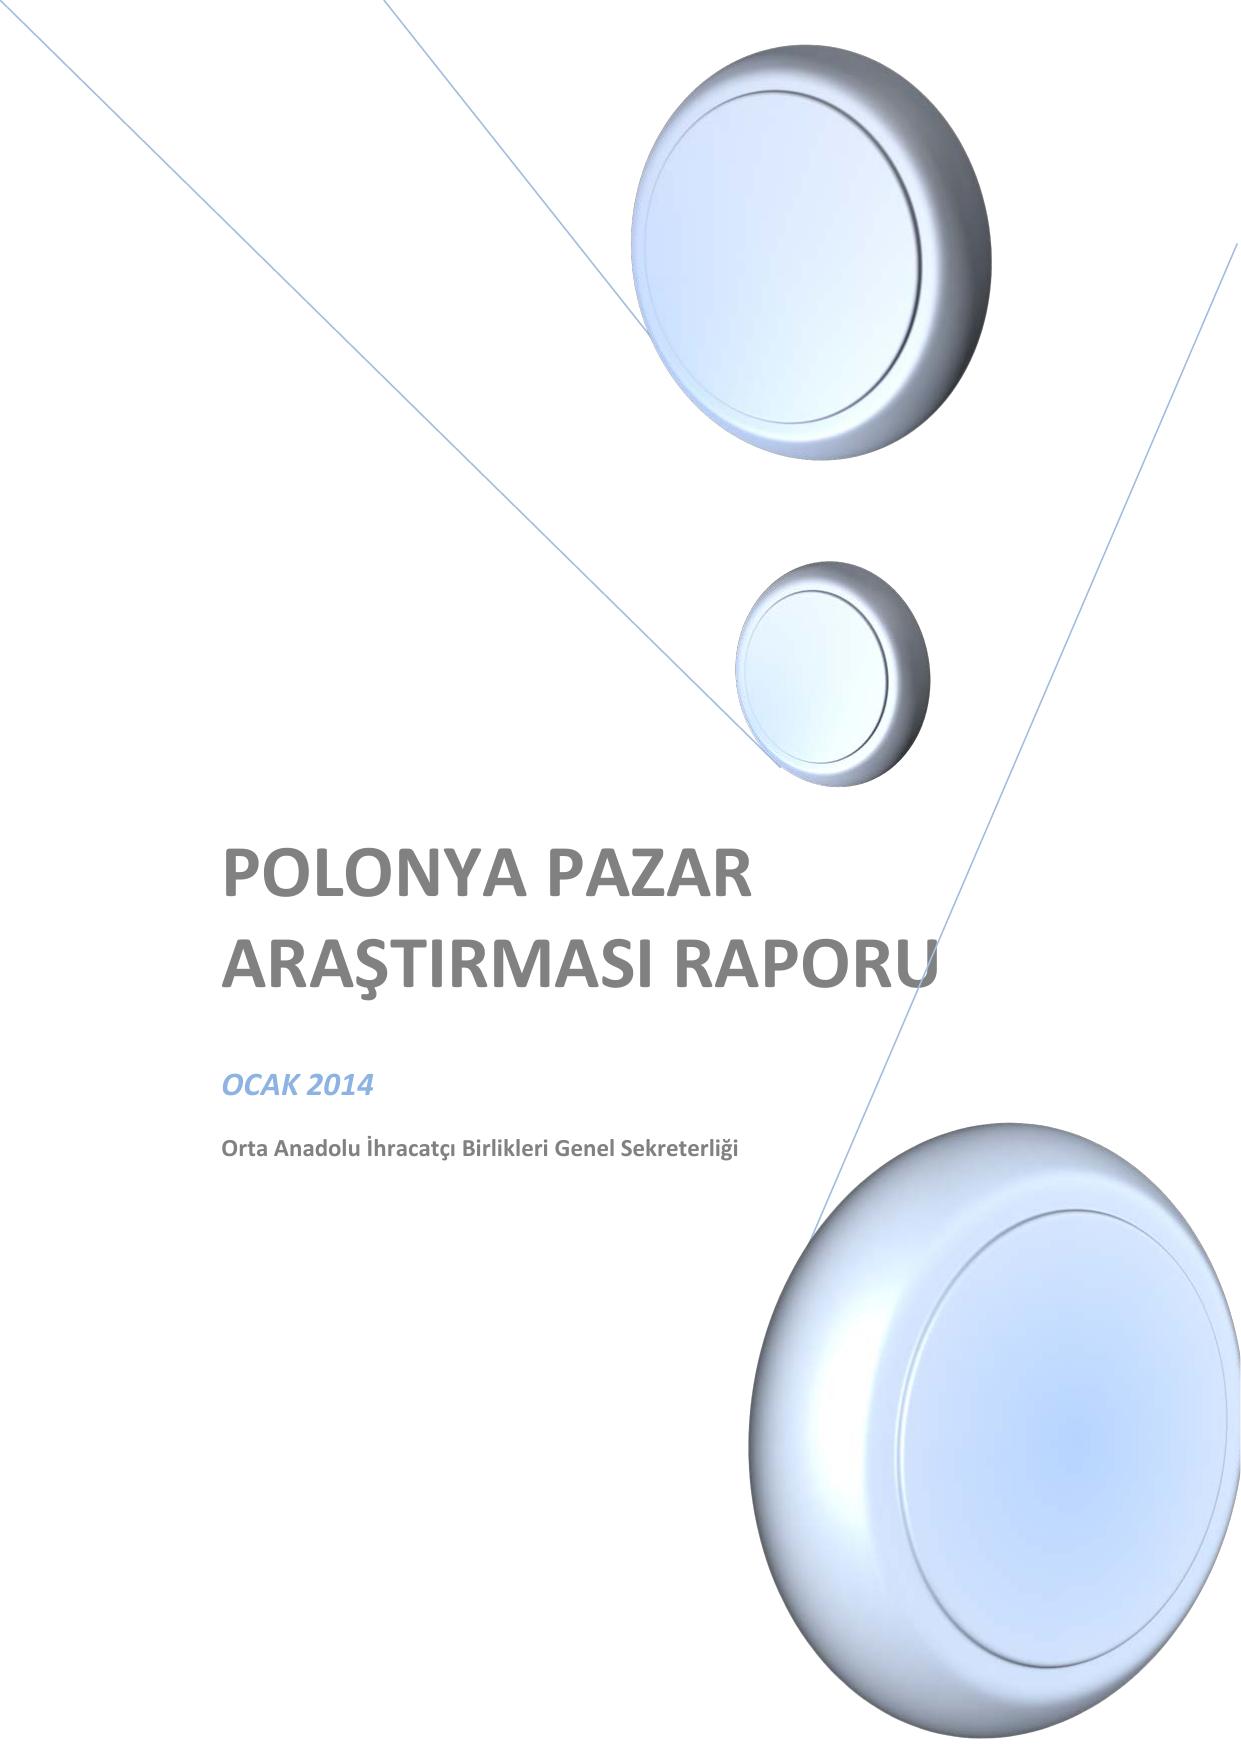 Polonya, Tüketici Haklarının Korunması Alanında Yeni Kanunu Kabul Ediyor